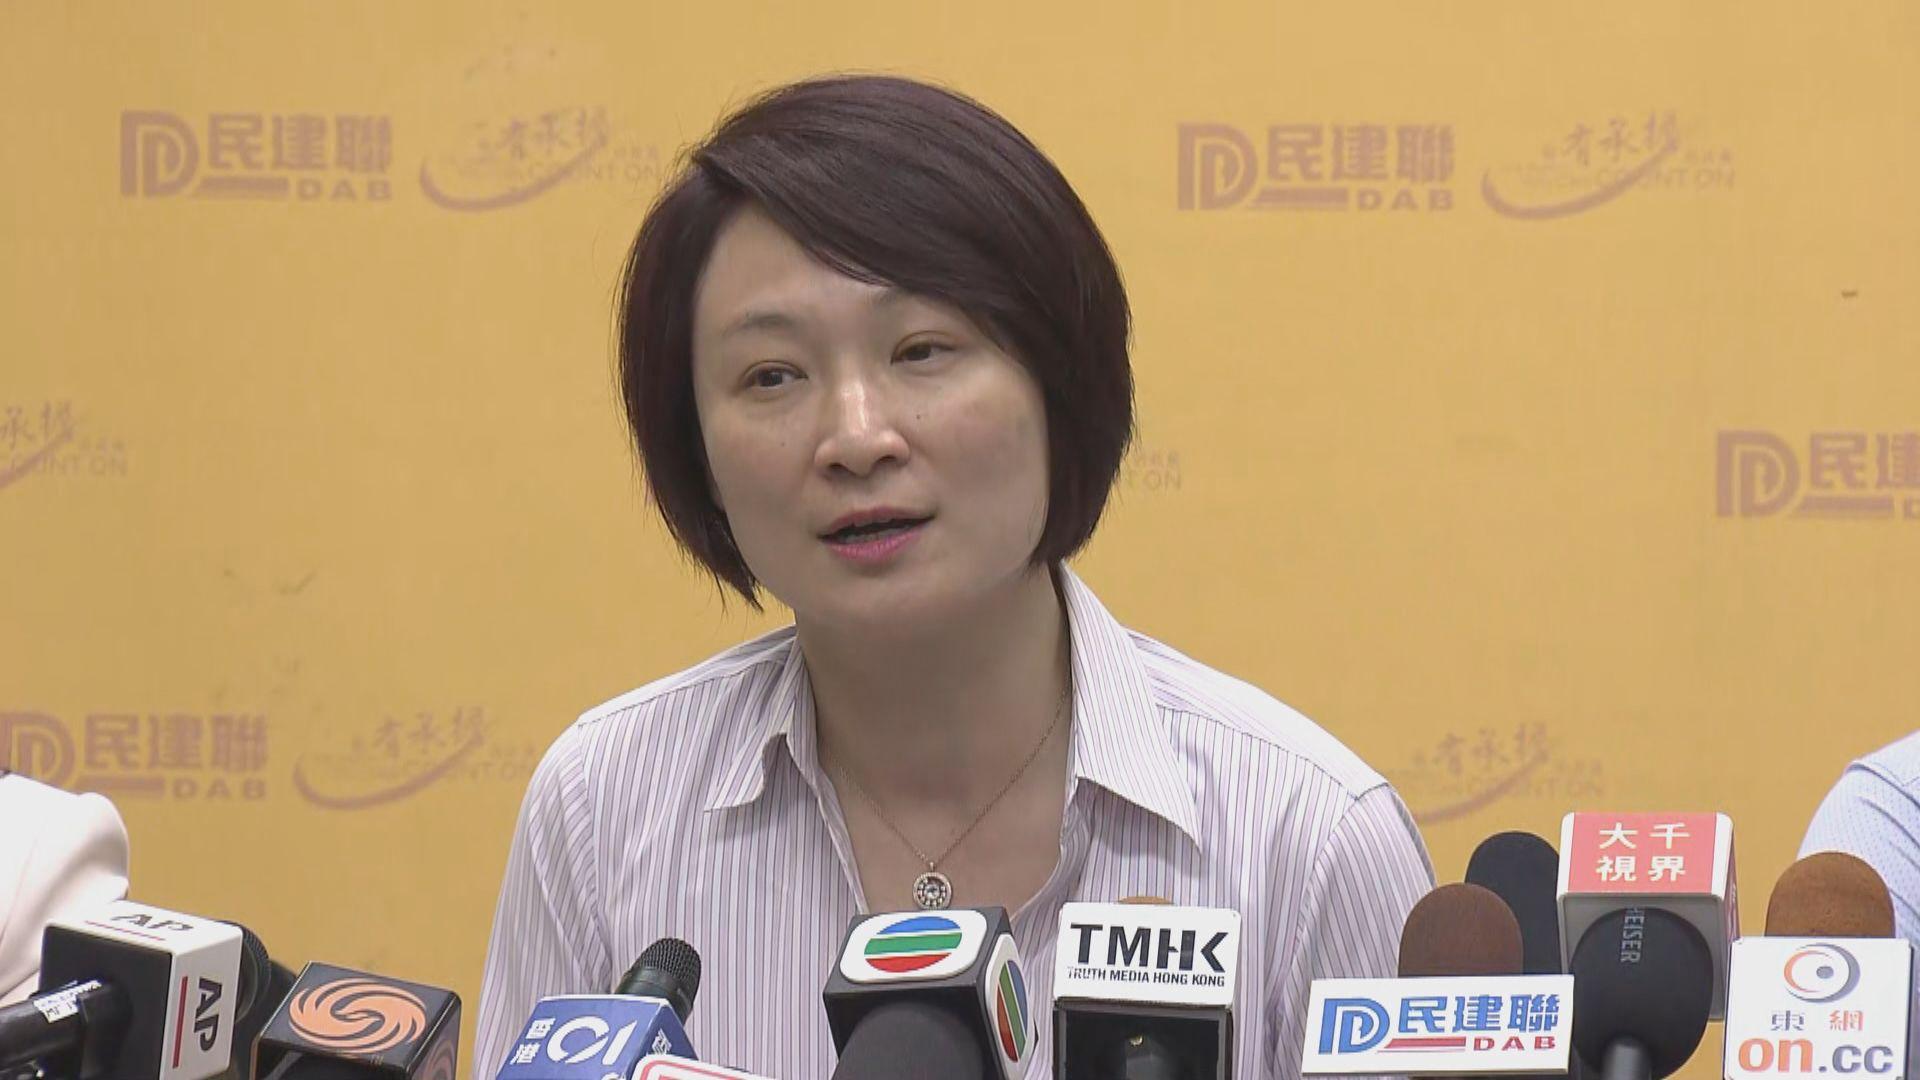 民建聯:現時撤回修例雖遲但有助解決困局